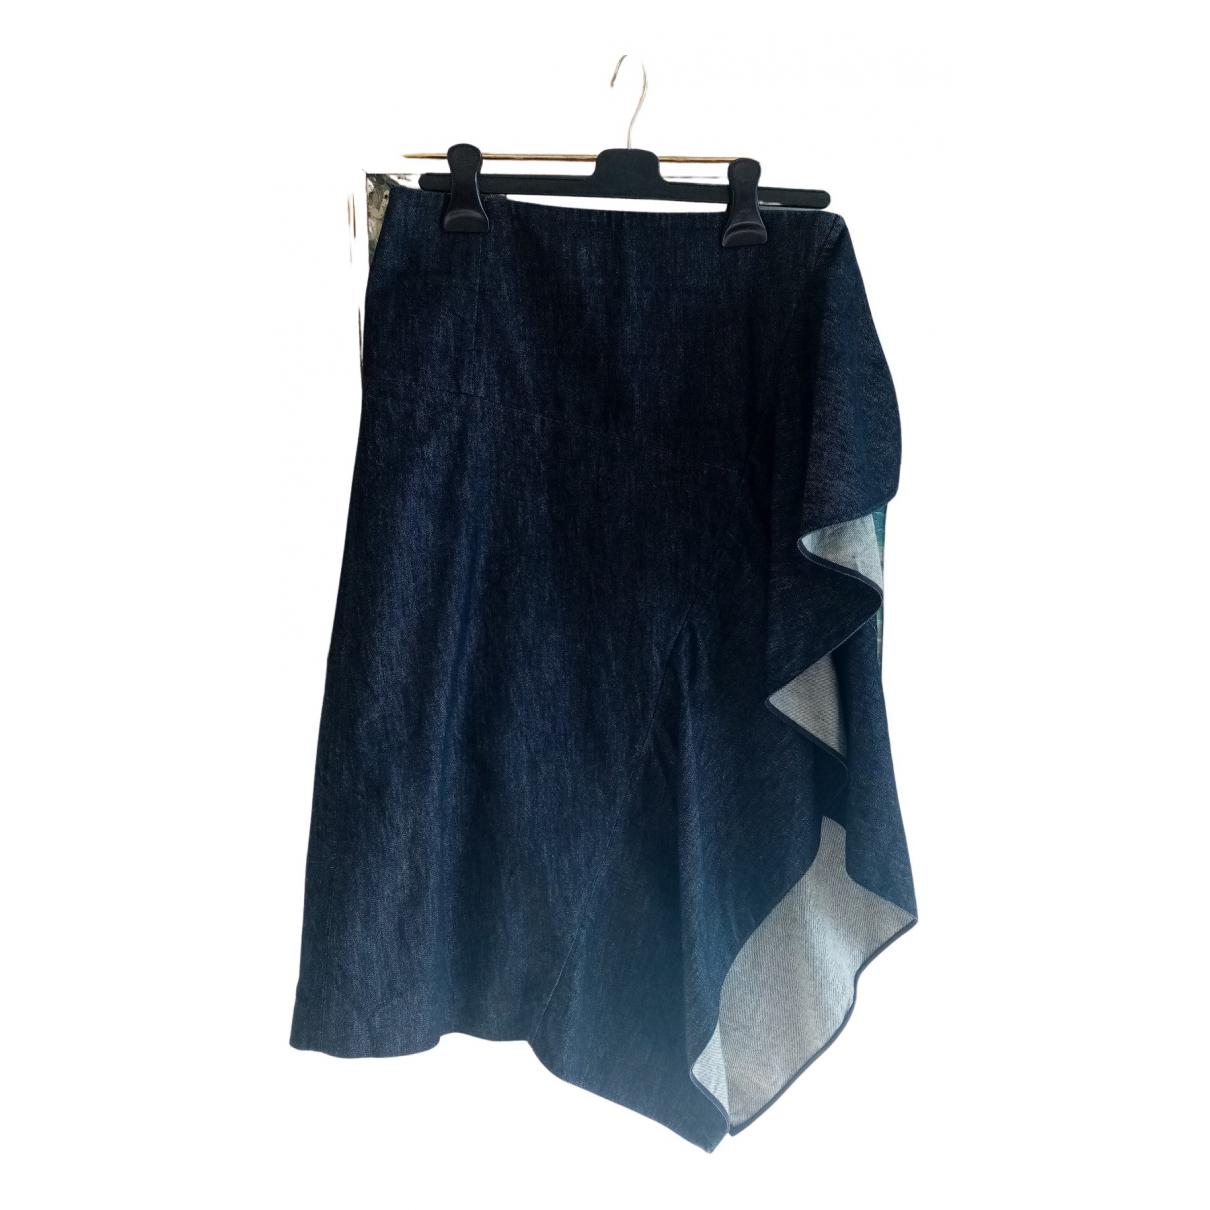 Marni N Blue Denim - Jeans skirt for Women 36 IT